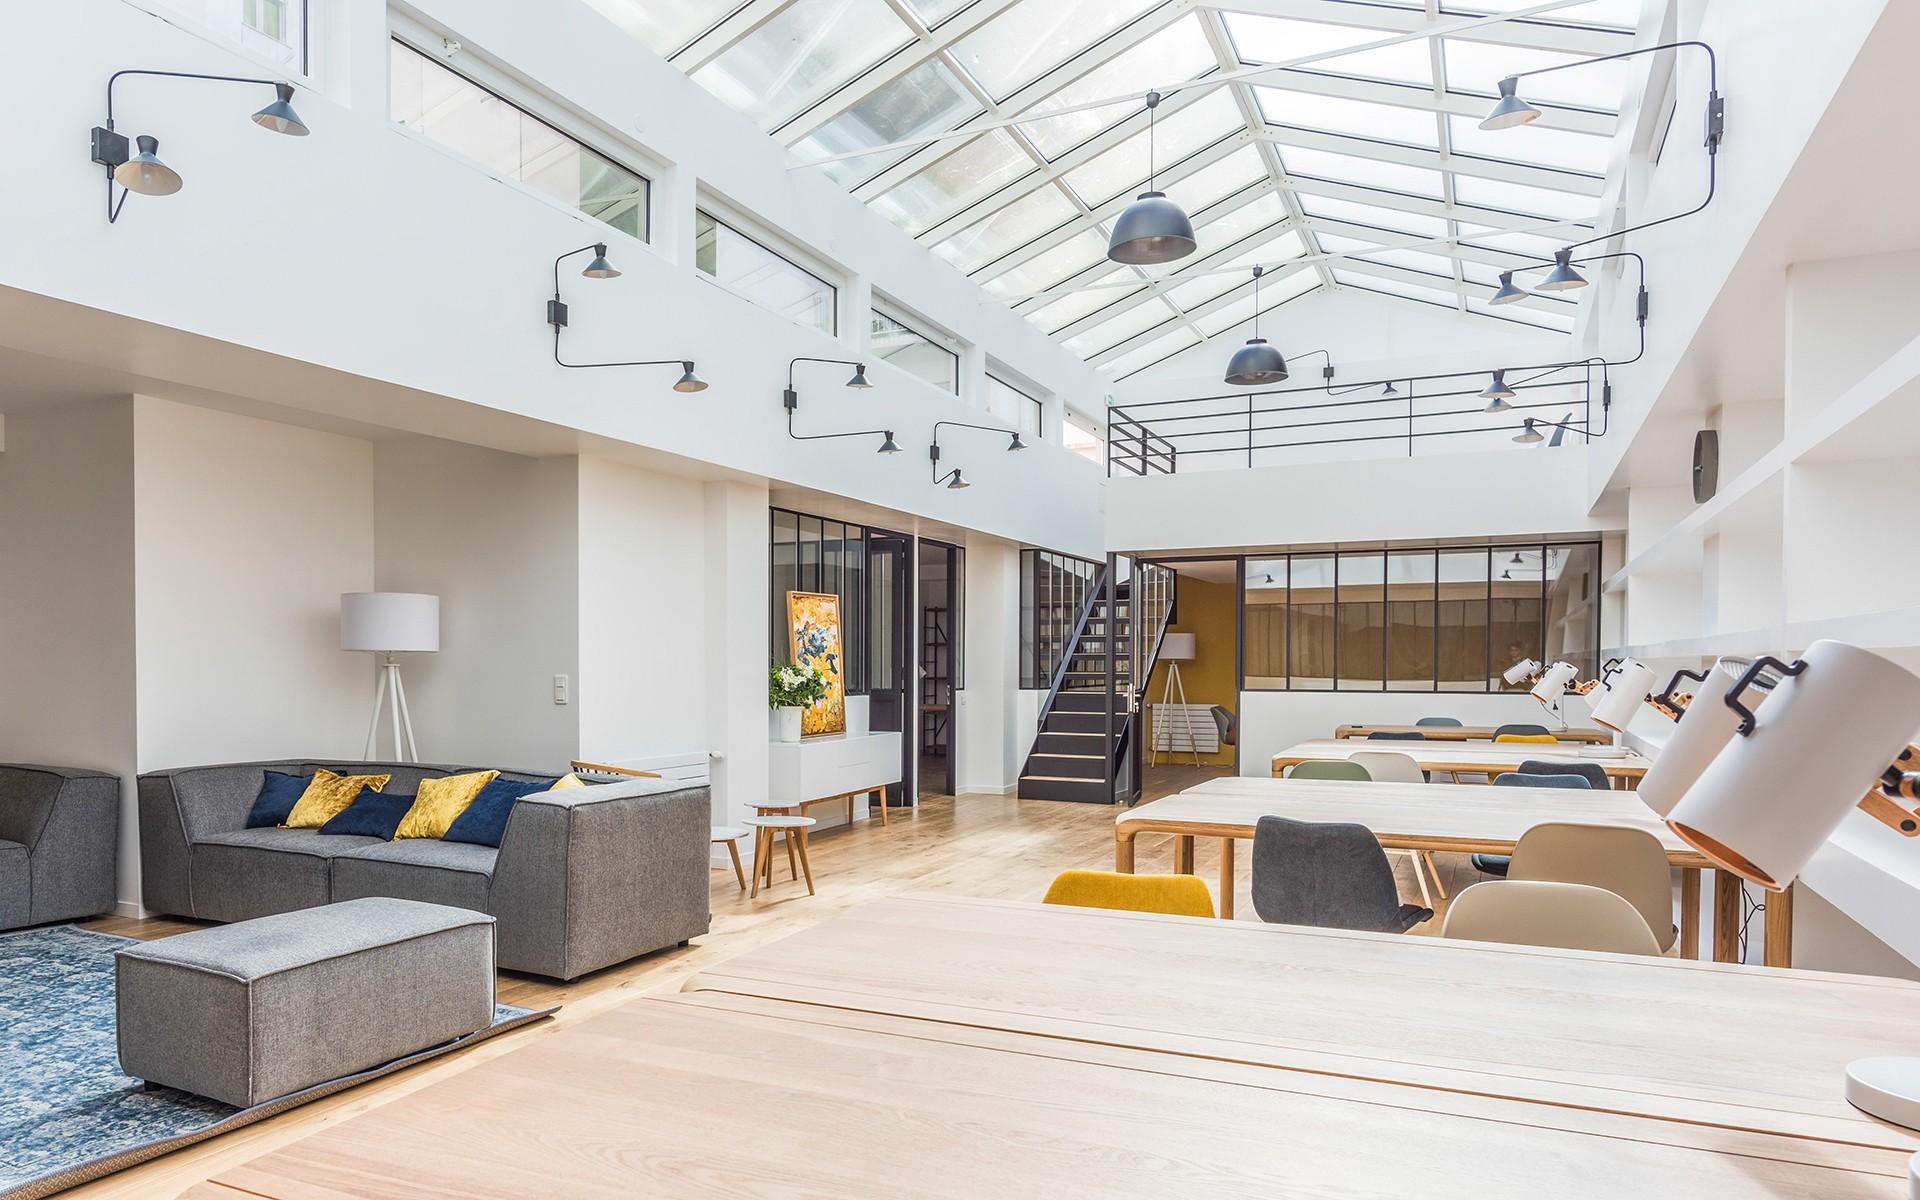 Prise de vue loft architecture industrielle - Paris XIIè